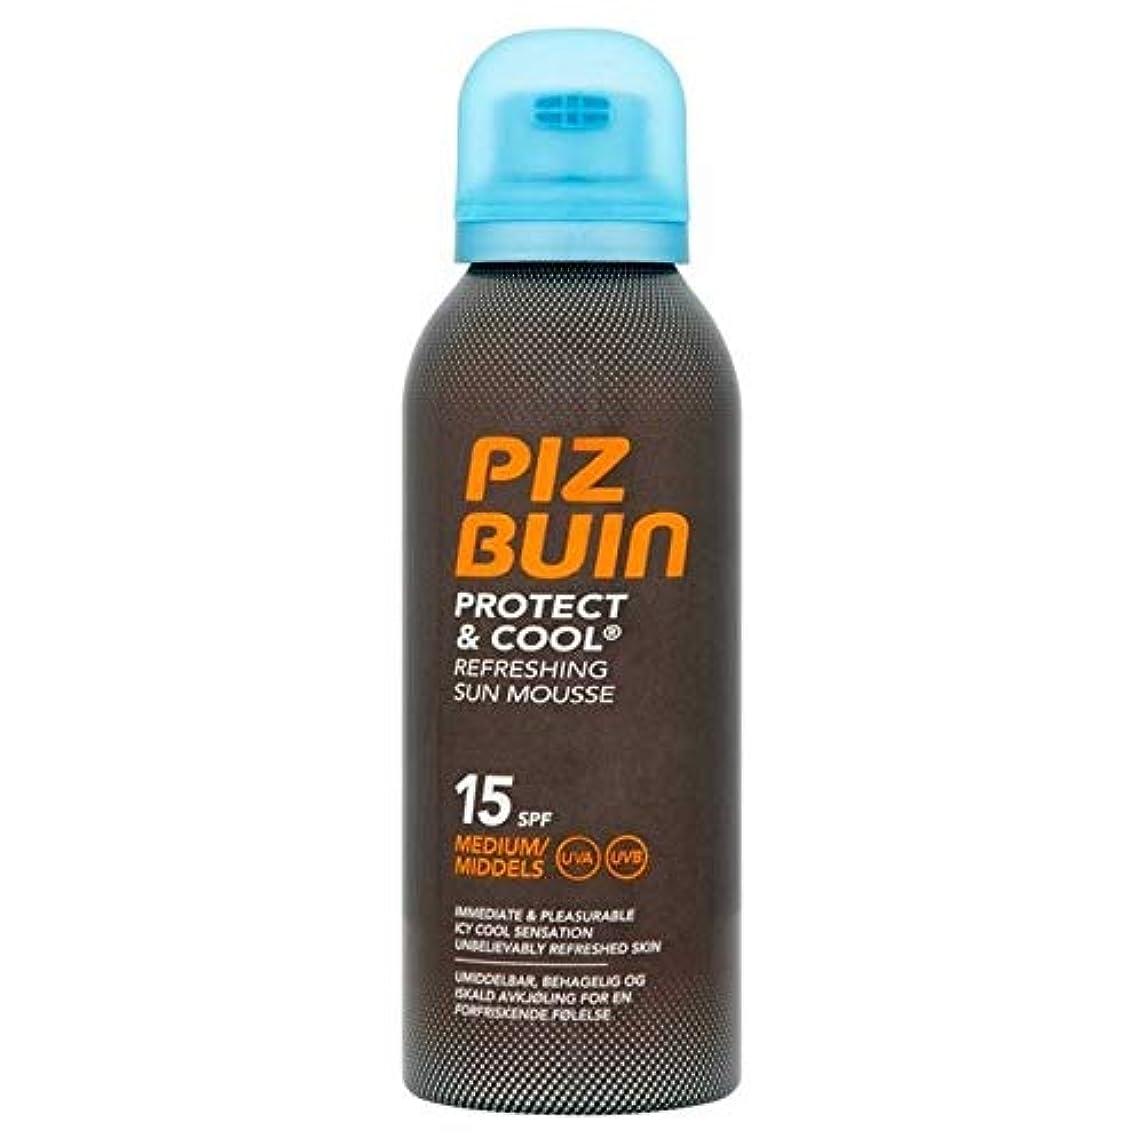 義務中性因子[Piz Buin] ピッツのBuinのは、太陽のムースSpf15の150ミリリットルを保護&クール - Piz Buin Protect & Cool Sun Mousse SPF15 150ml [並行輸入品]